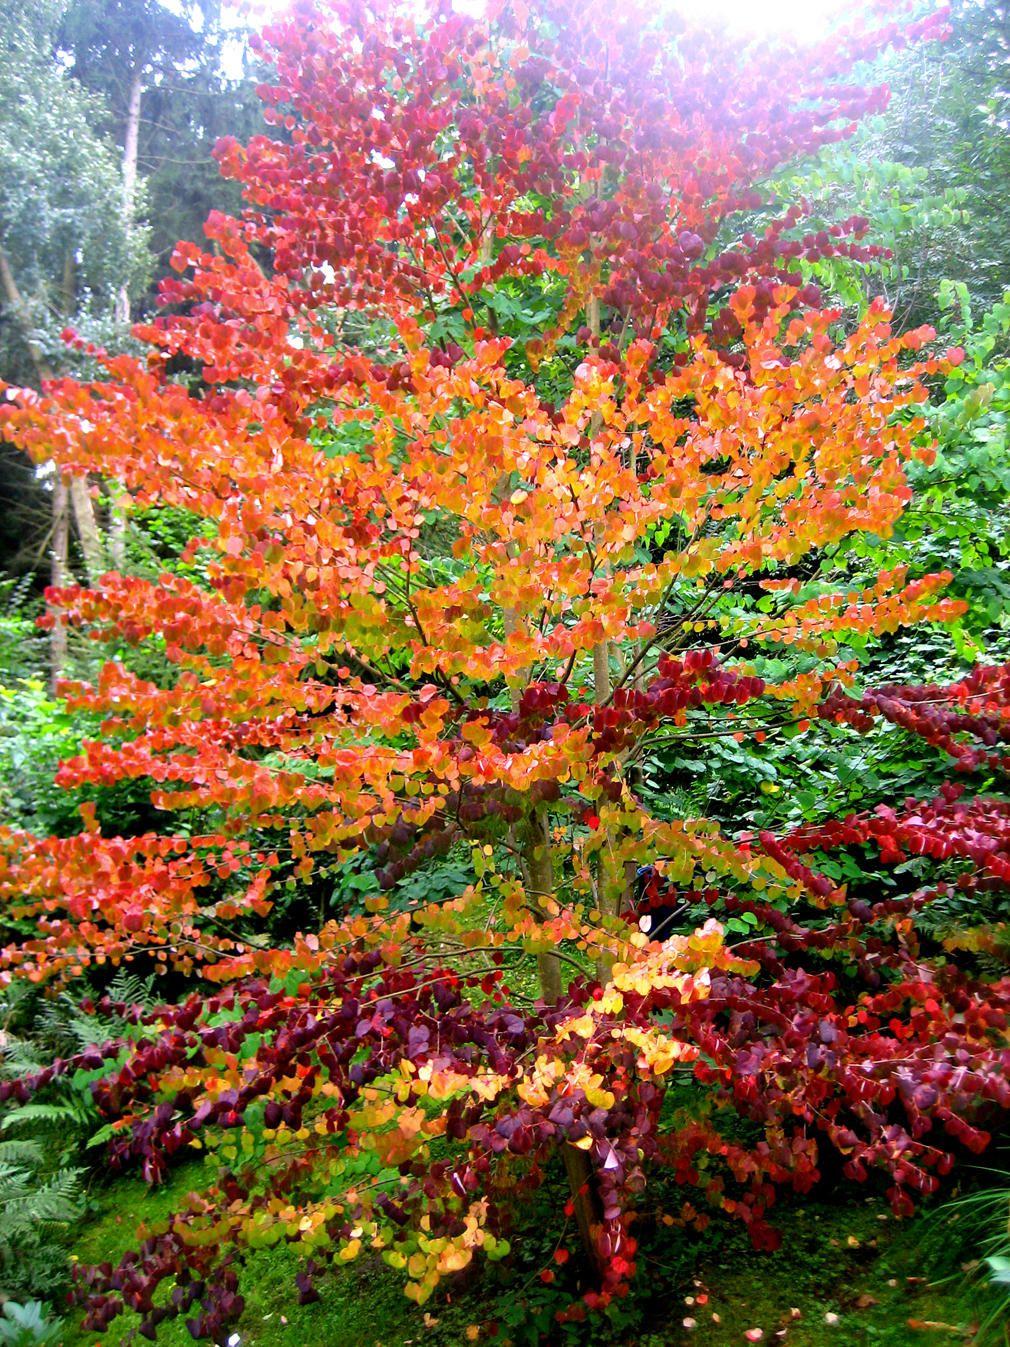 Kuchenbaum Kannte Ich Noch Nicht Garten Garten